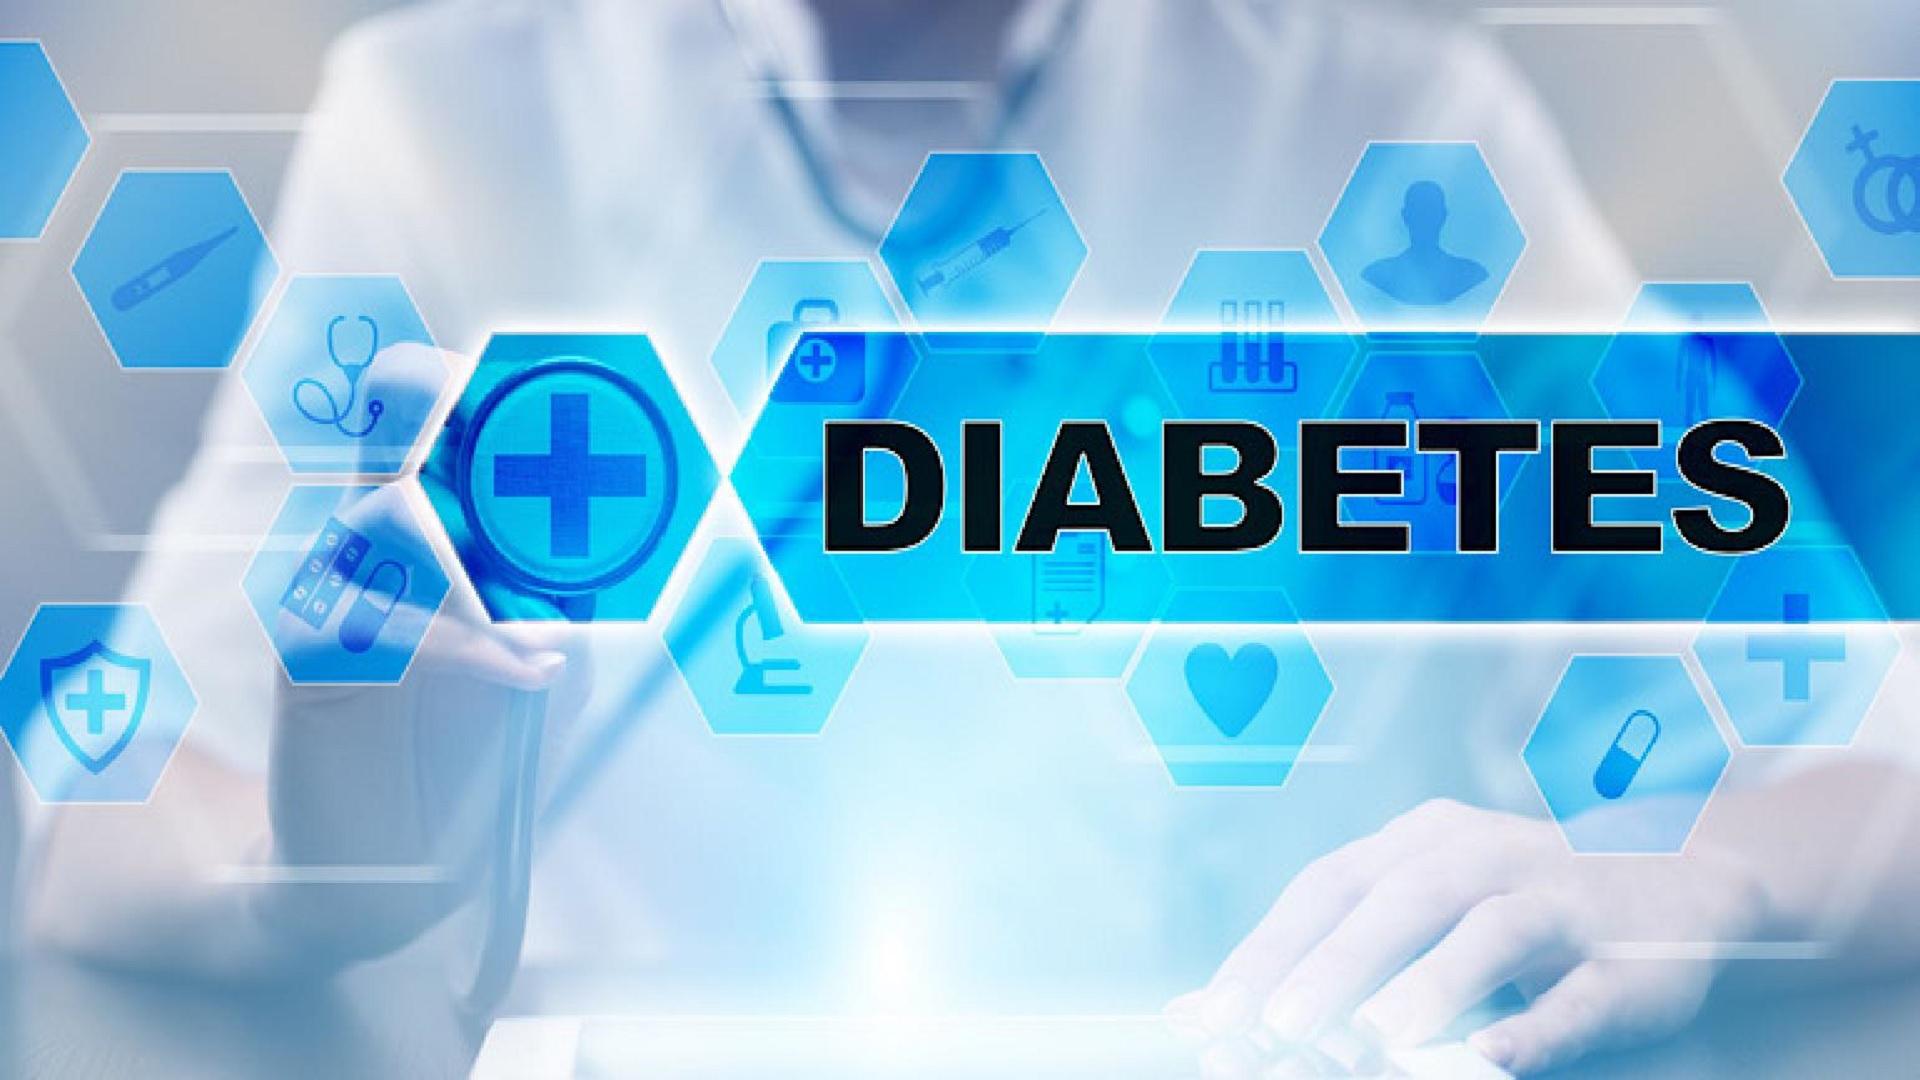 Διαβήτης: Η νόσος μειώνει την ικανότητα των νεφρών να αυτοκαθαρίζονται